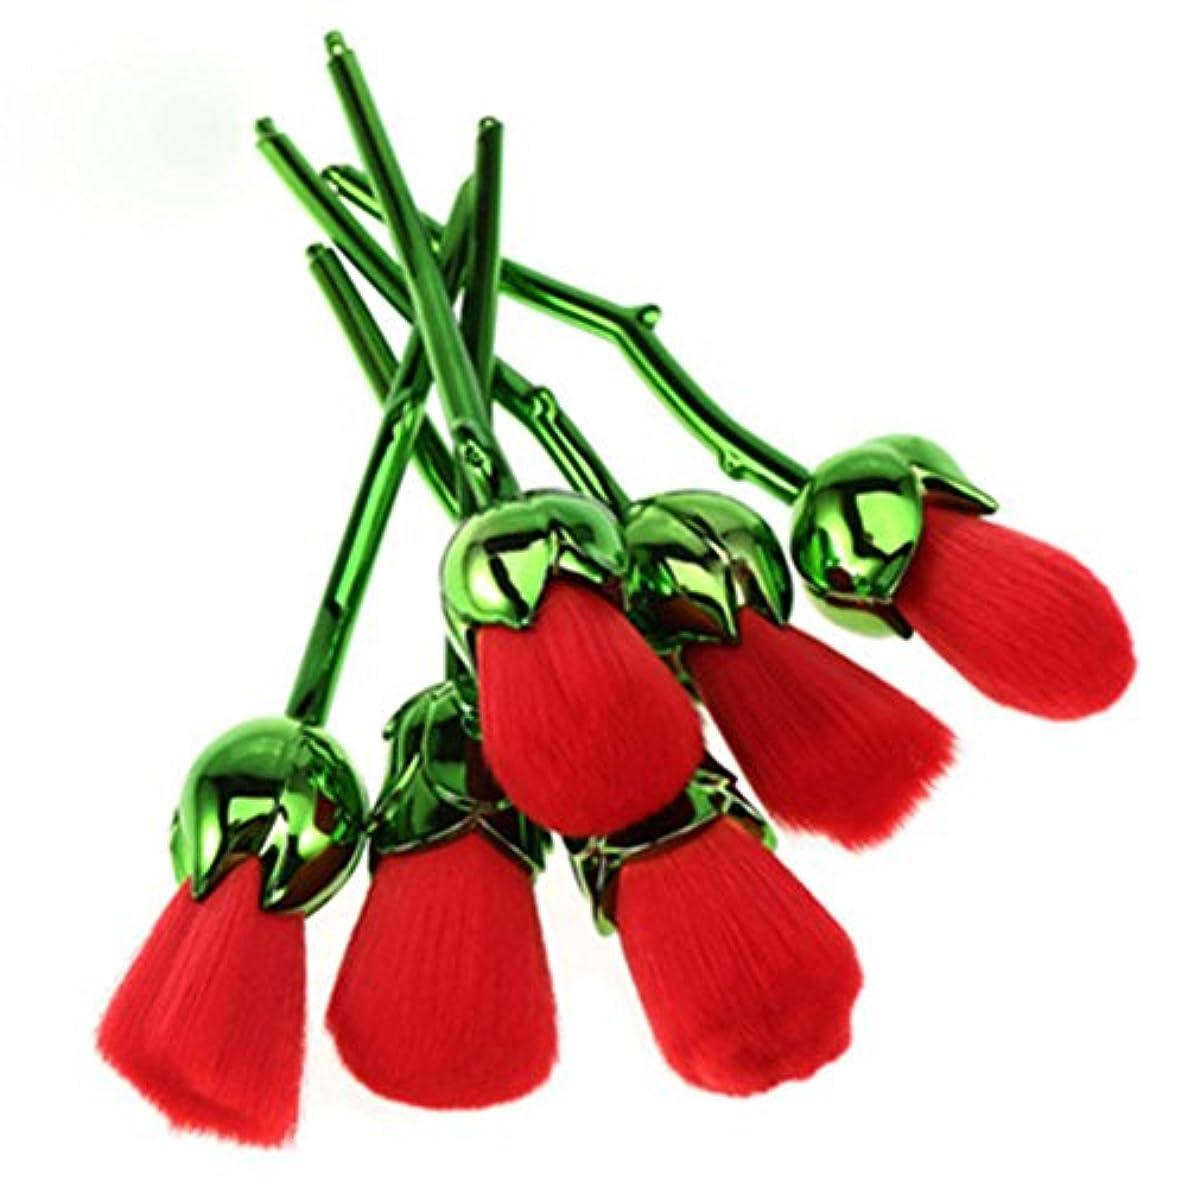 ファッションキリン年ディラビューティー(Dilla Beauty) メイクブラシ 薔薇 メイクブラシセット 人気 ファンデーションブラシ 化粧筆 可愛い 化粧ブラシ セット パウダーブラシ フェイスブラシ ローズ メイクブラシ 6本セット ケース付き (グリーン - レッド)